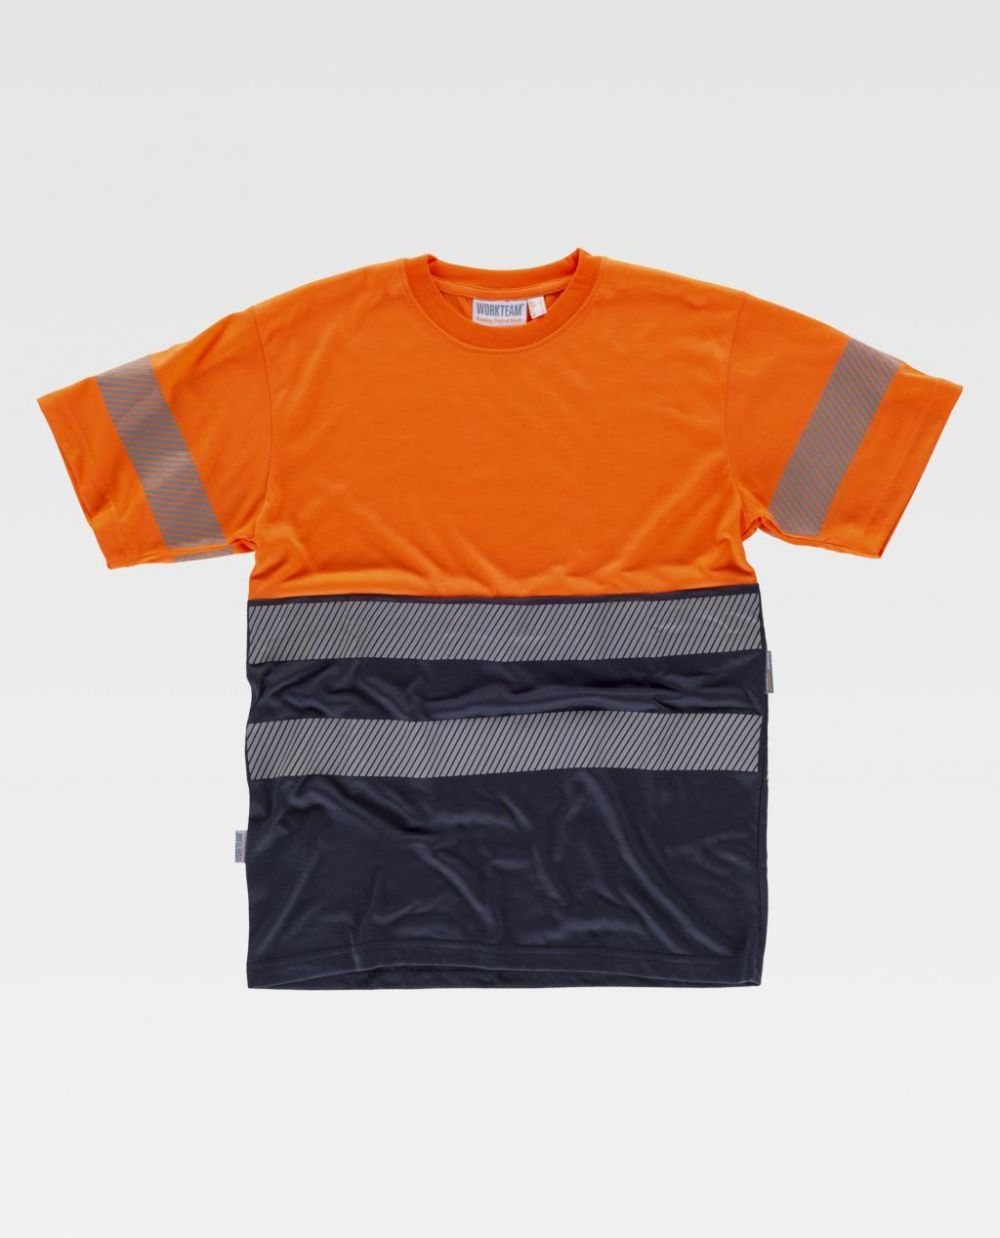 Camisetas reflectantes workteam mc combinada reflectante de poliéster vista 1